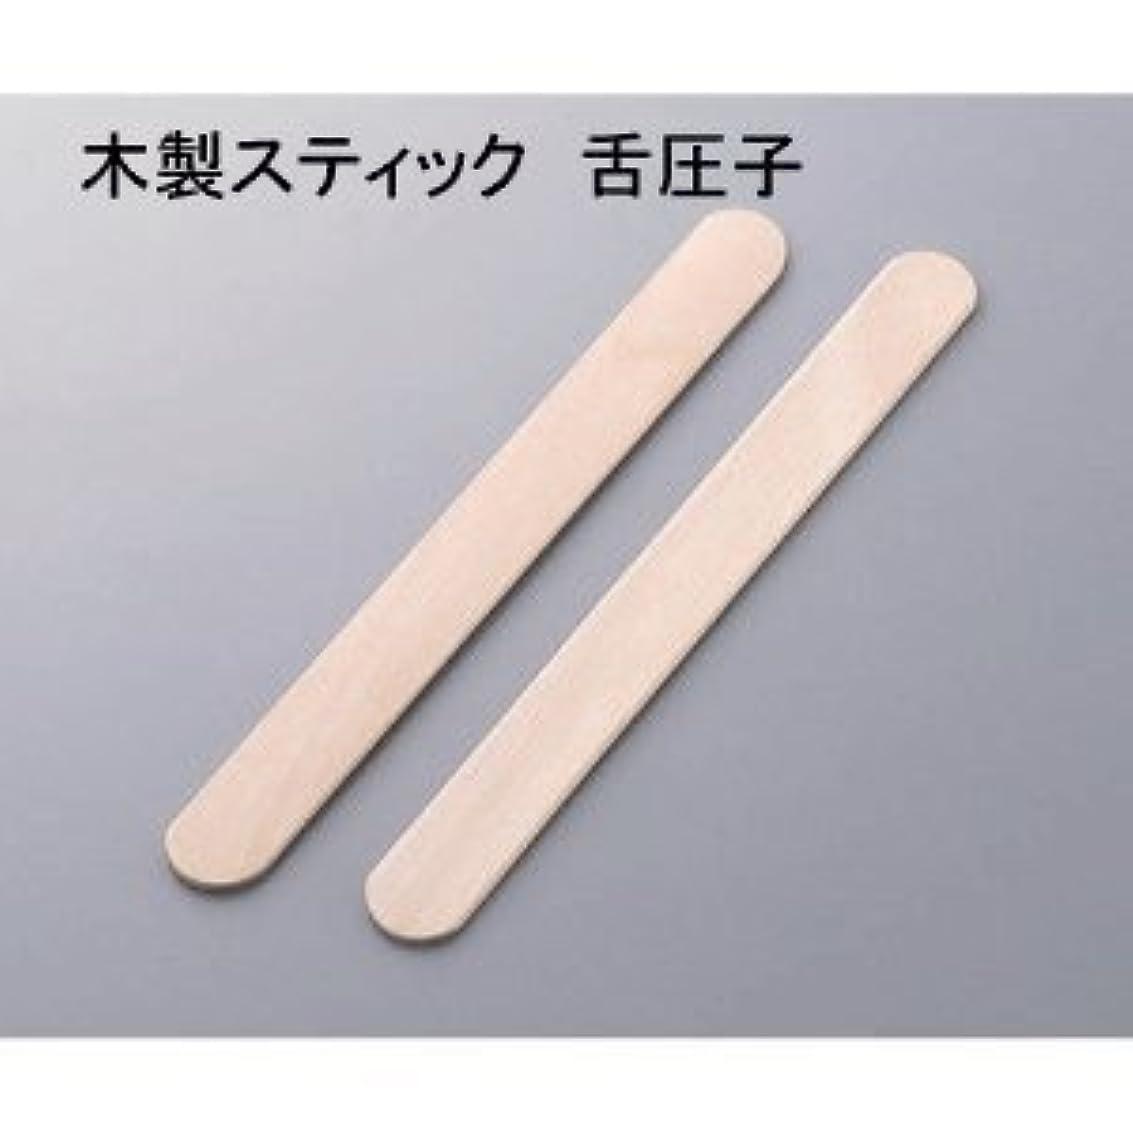 藤色同情的覚醒木製舌圧子150mm スパチュラ 脱毛 ハダカ 6000本(50本x120束)